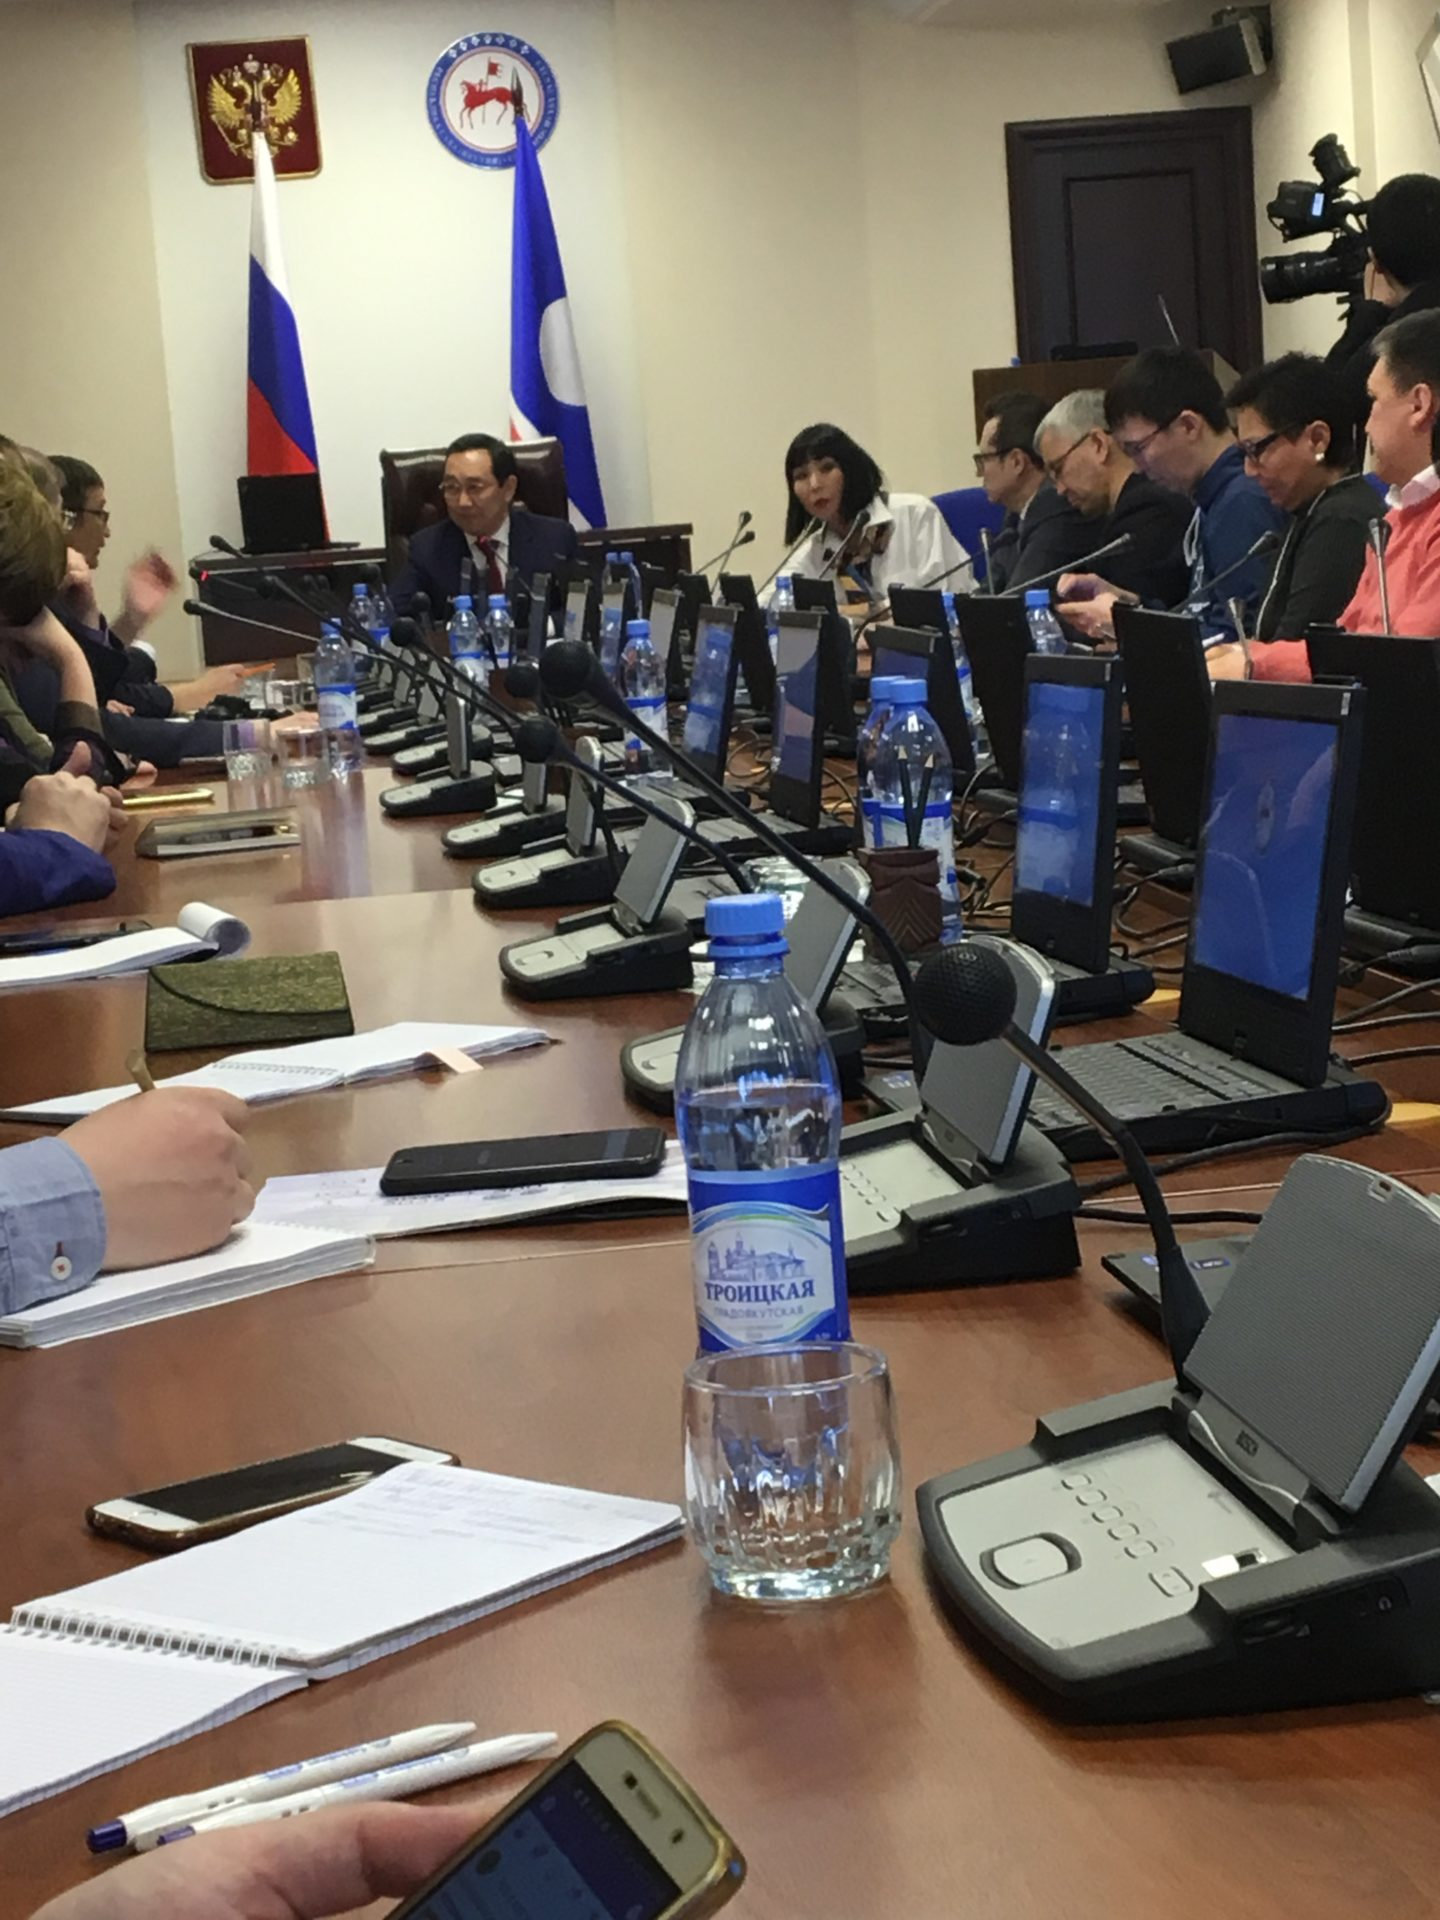 Айсен Николаев о прошлых митингах: «Необходимо будет предпринять все меры для недопущения повторения такой ситуации»